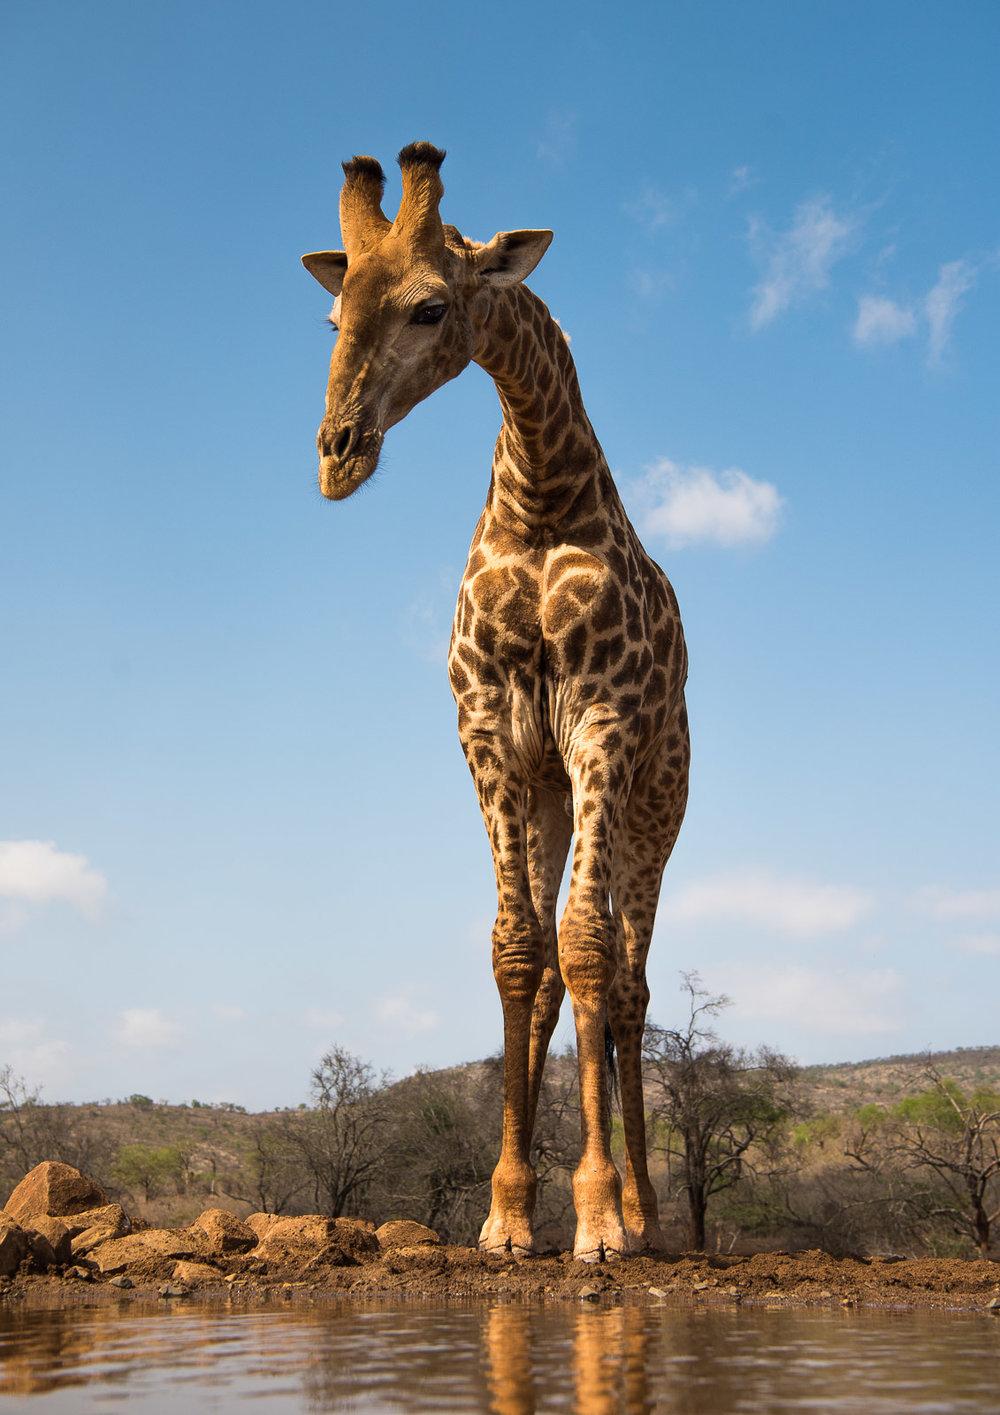 UMGODI: Giraffe  Nikon D810 24-70mm f2.8 at 44mm. 1/640, f5.6, ISO64